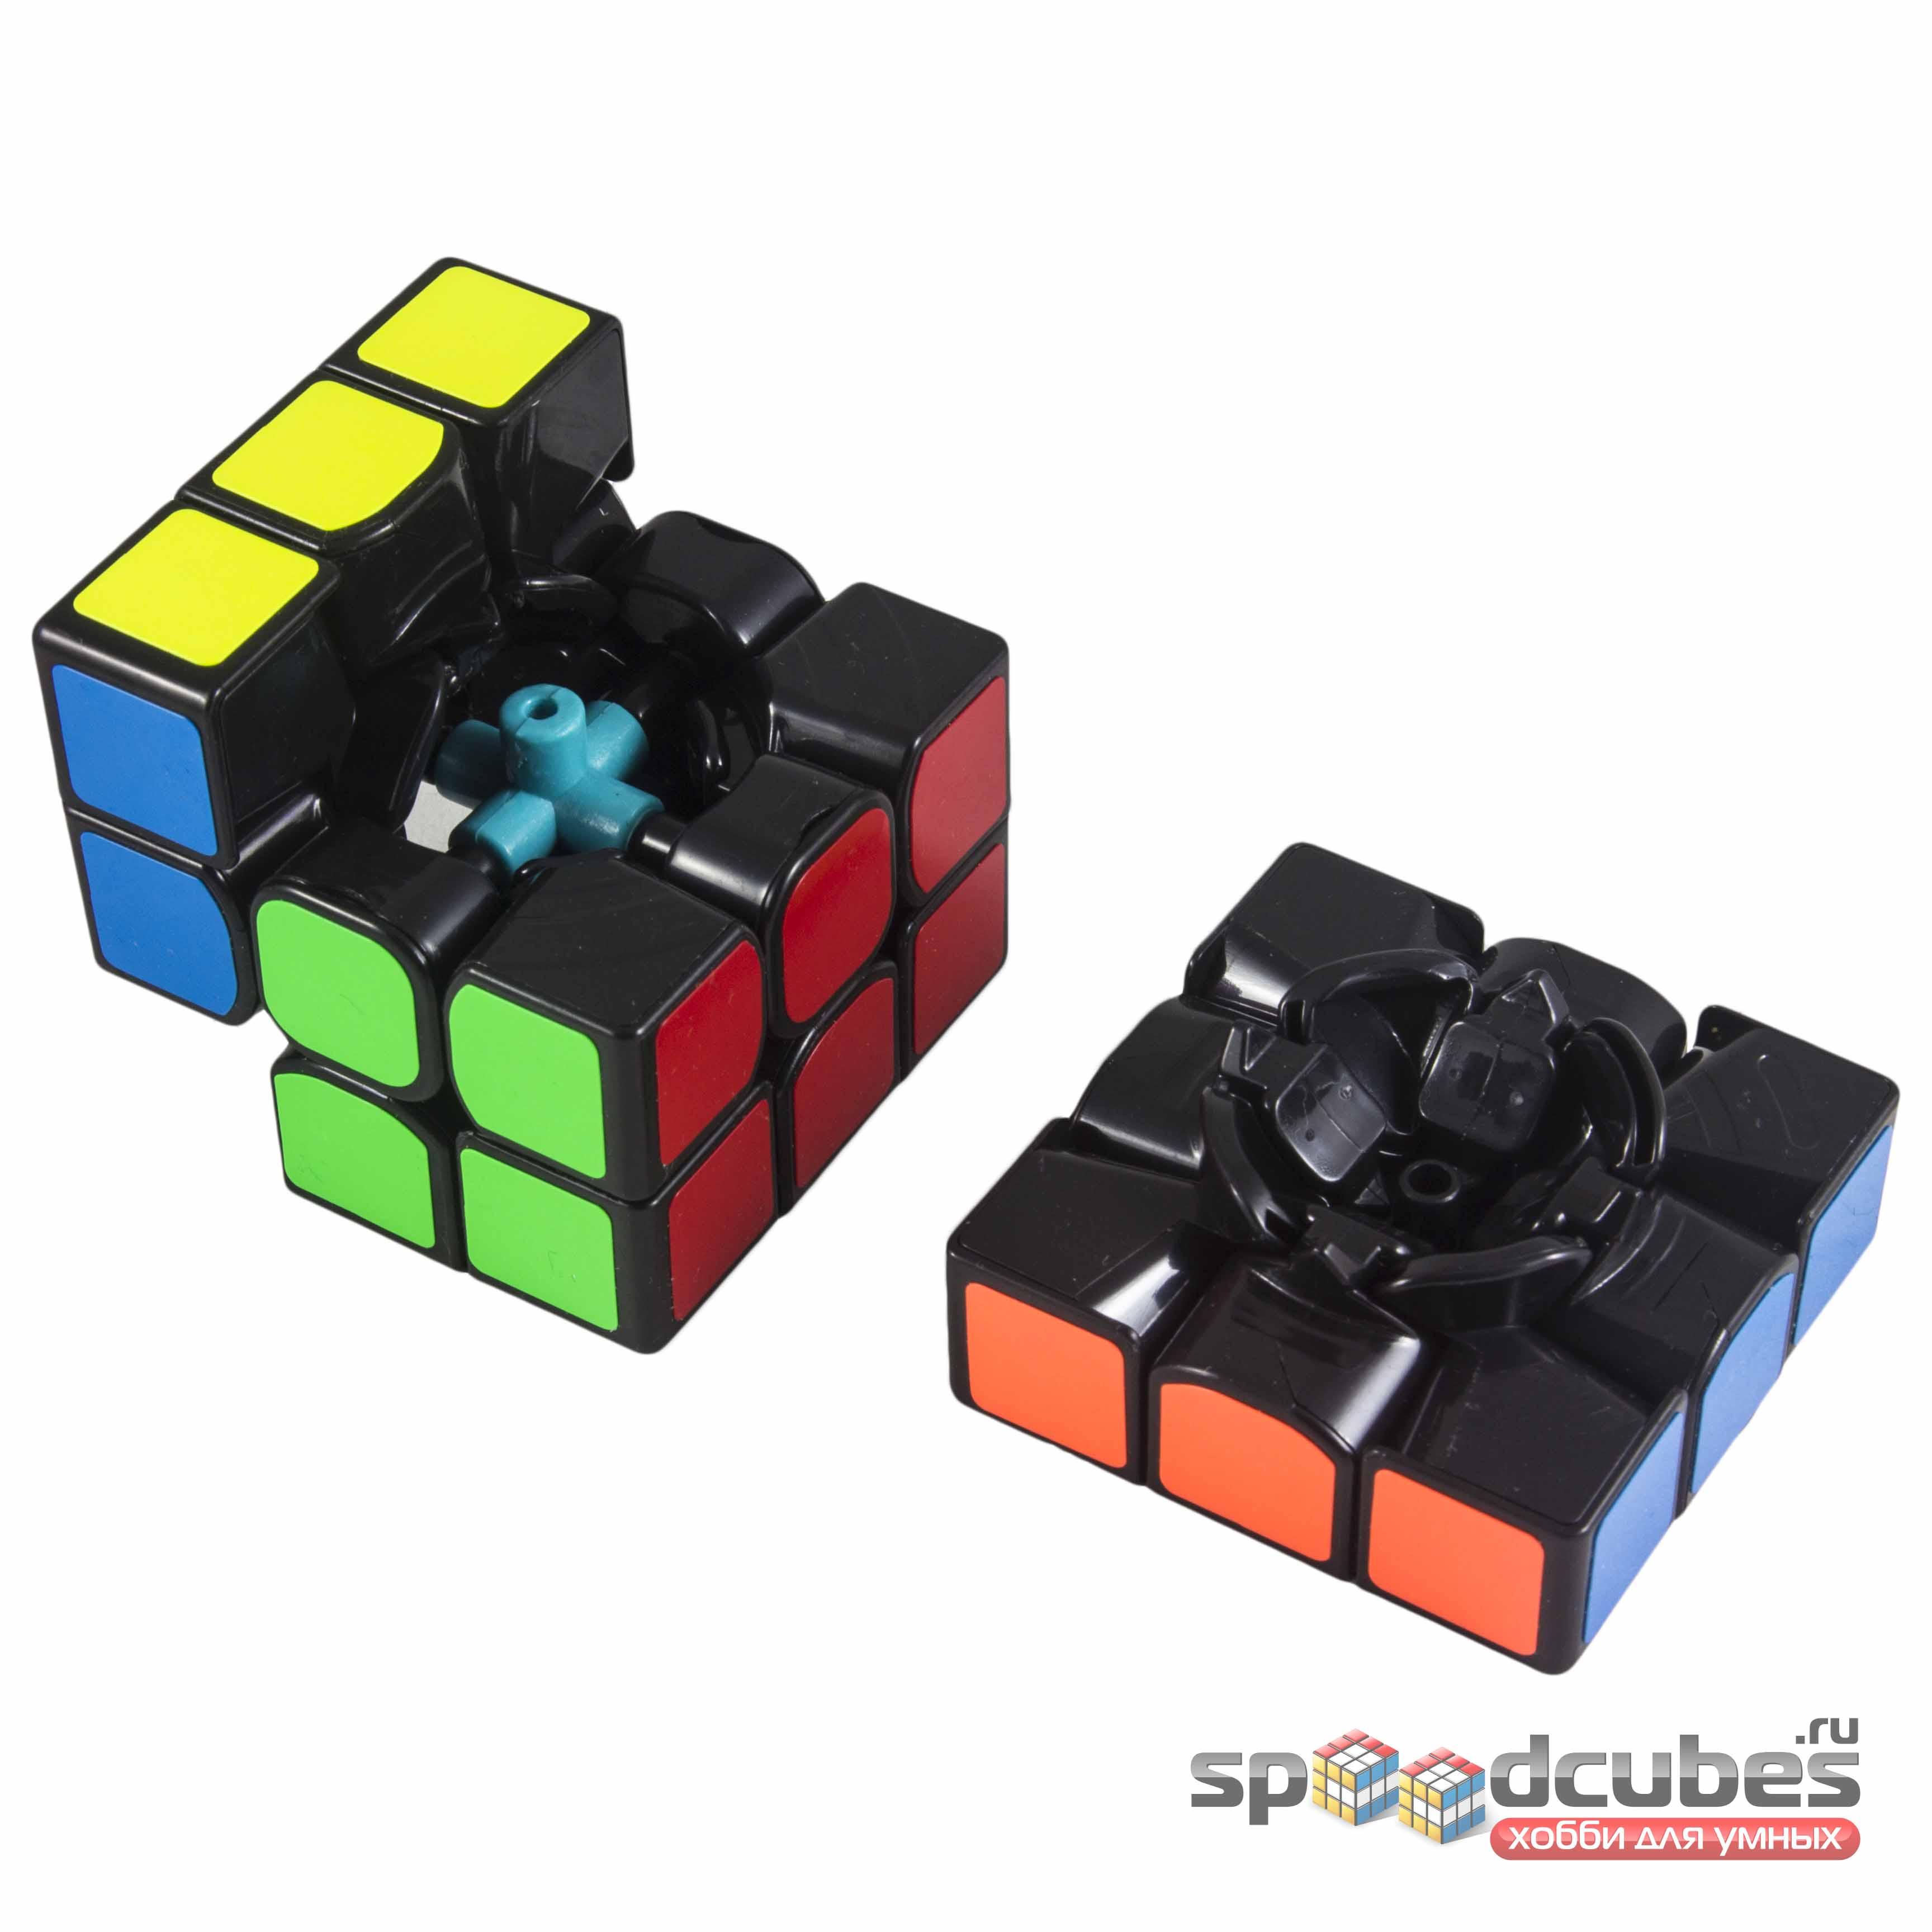 Moyu (yj) 3x3x3 Guanlong Plus Black 3